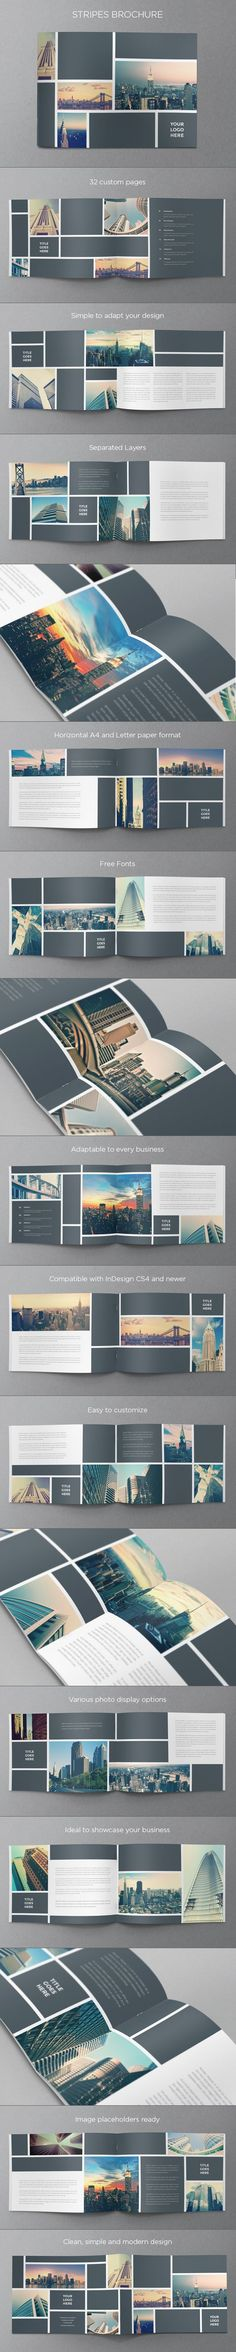 Real Estate Stripes Brochure. Download here: http://graphicriver.net/item/real-estate-stripes-brochure/6058277 #design #brochure: